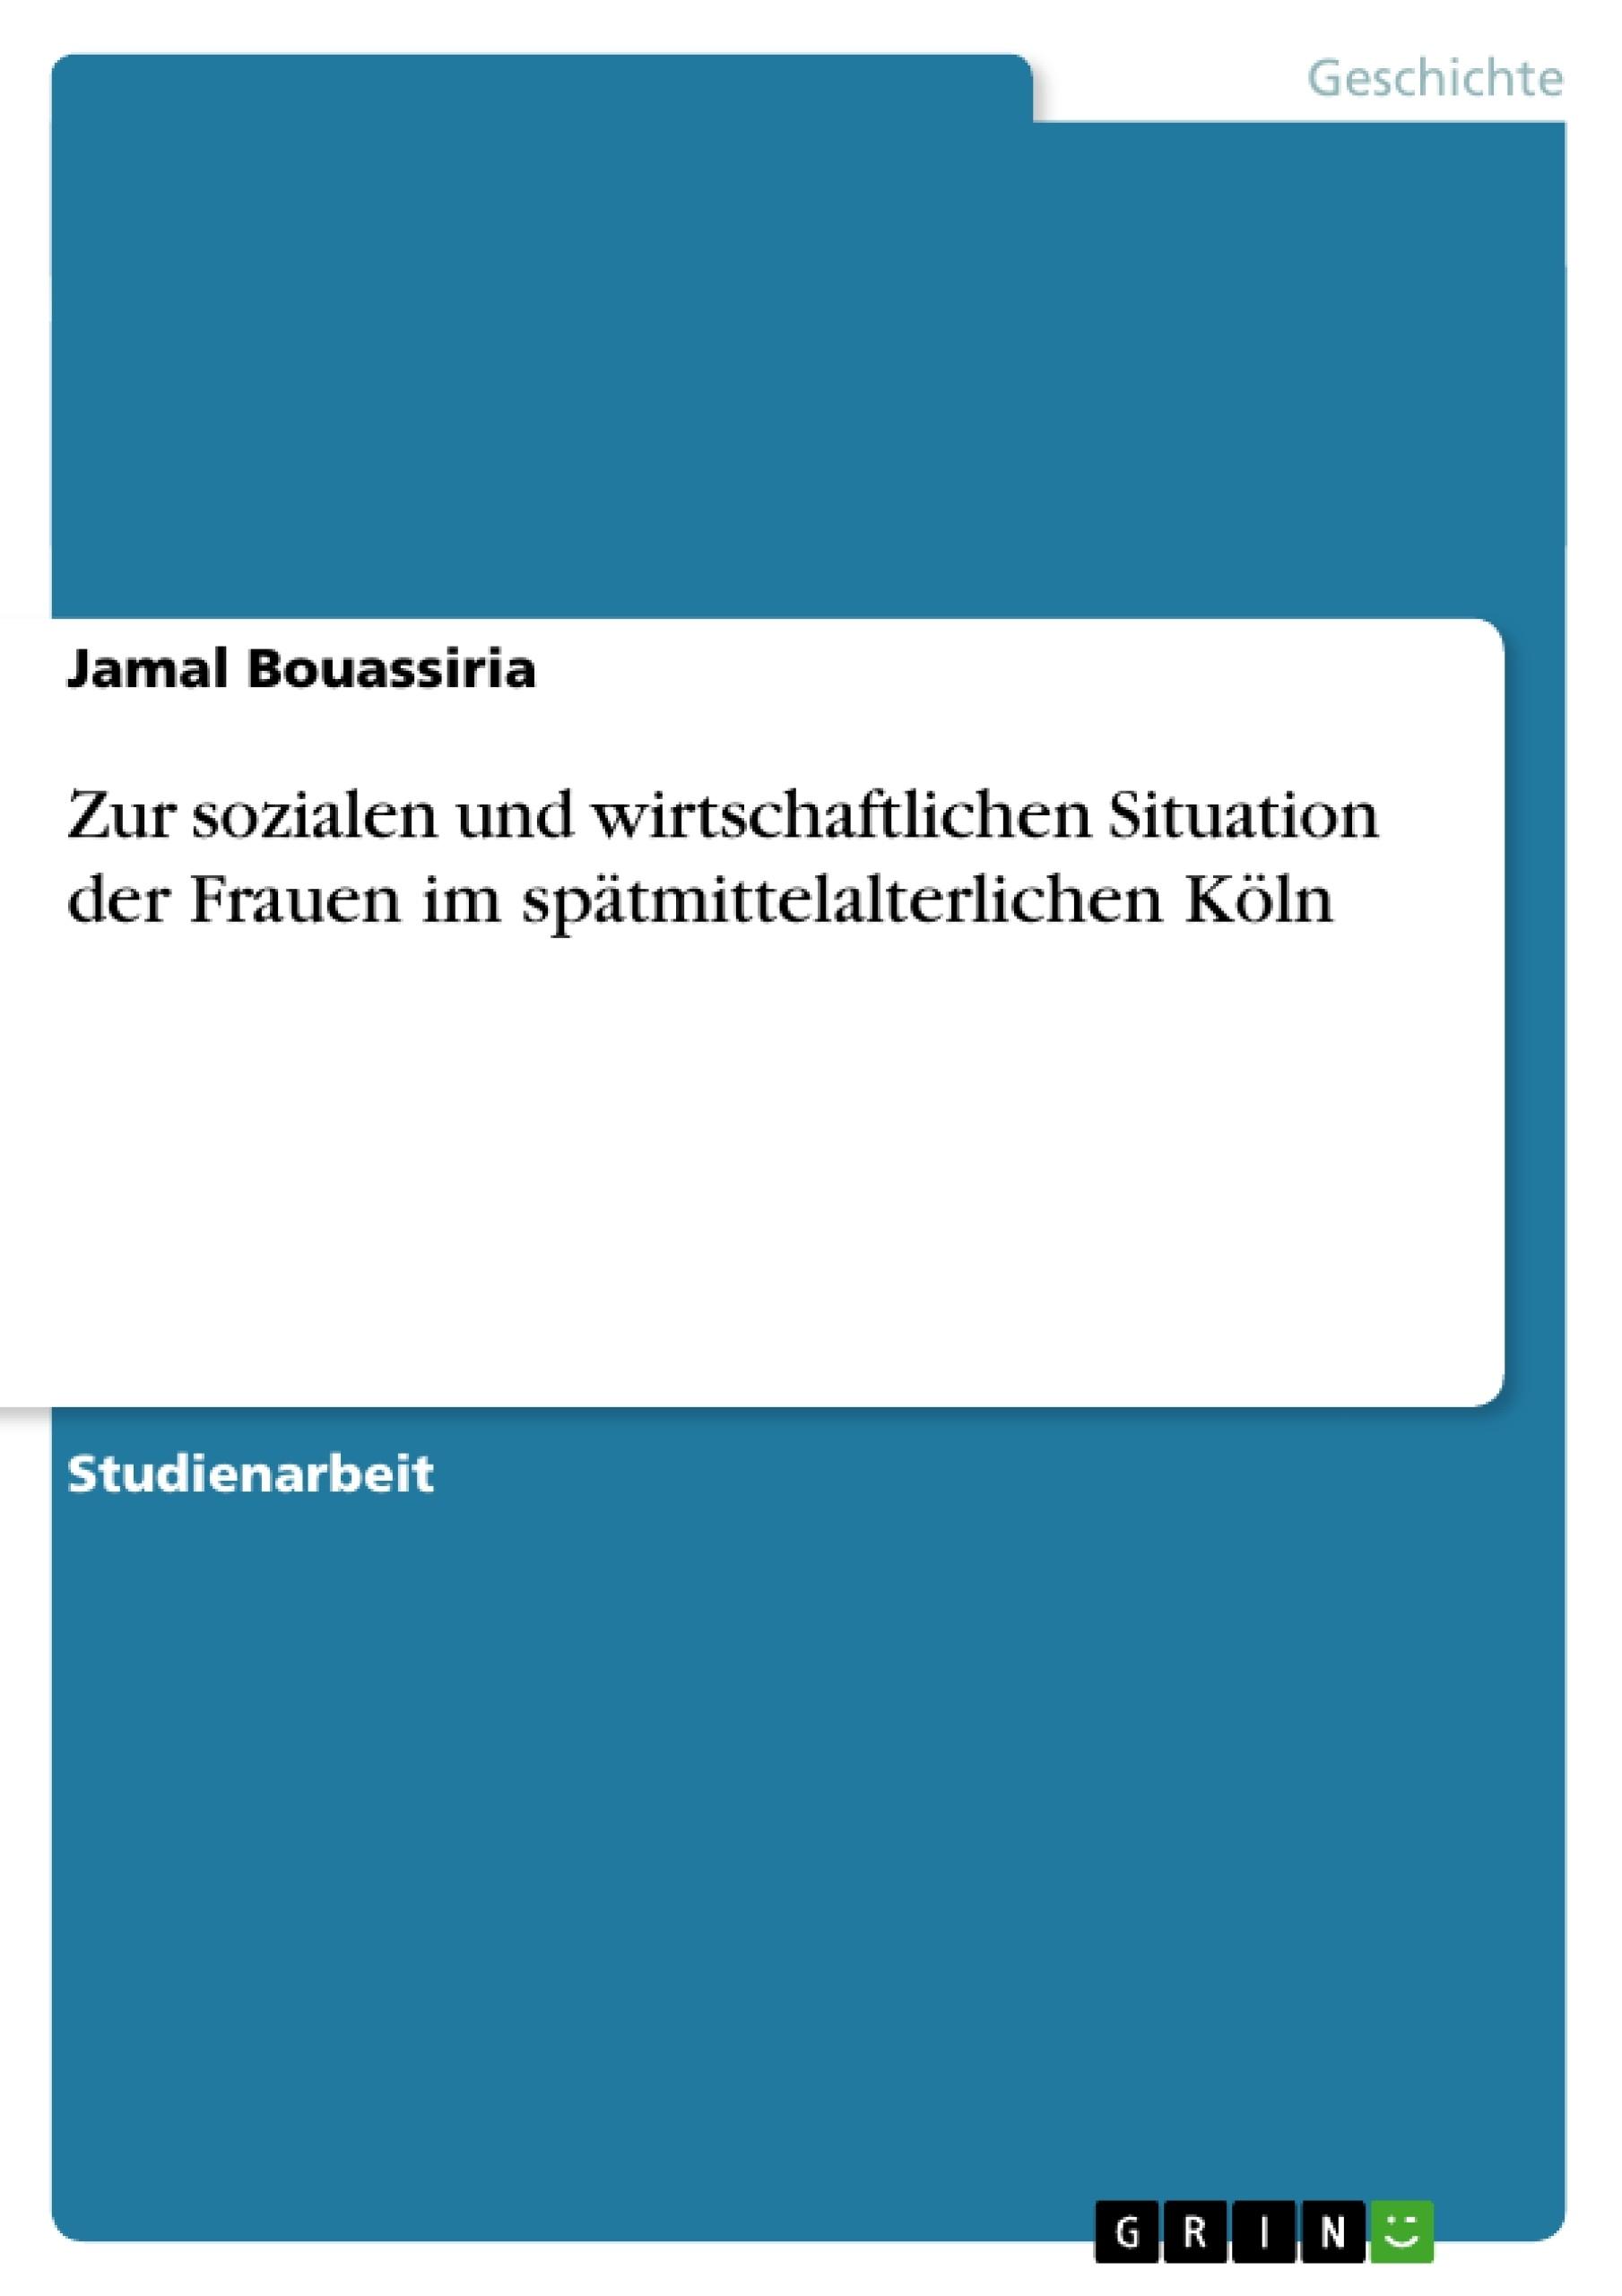 Titel: Zur sozialen und wirtschaftlichen Situation der Frauen im spätmittelalterlichen Köln